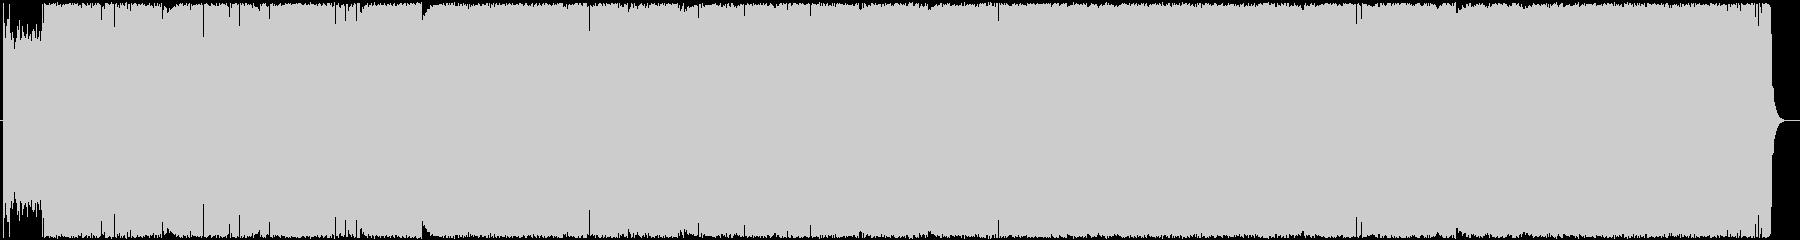 疾走感あるストーカーの未再生の波形